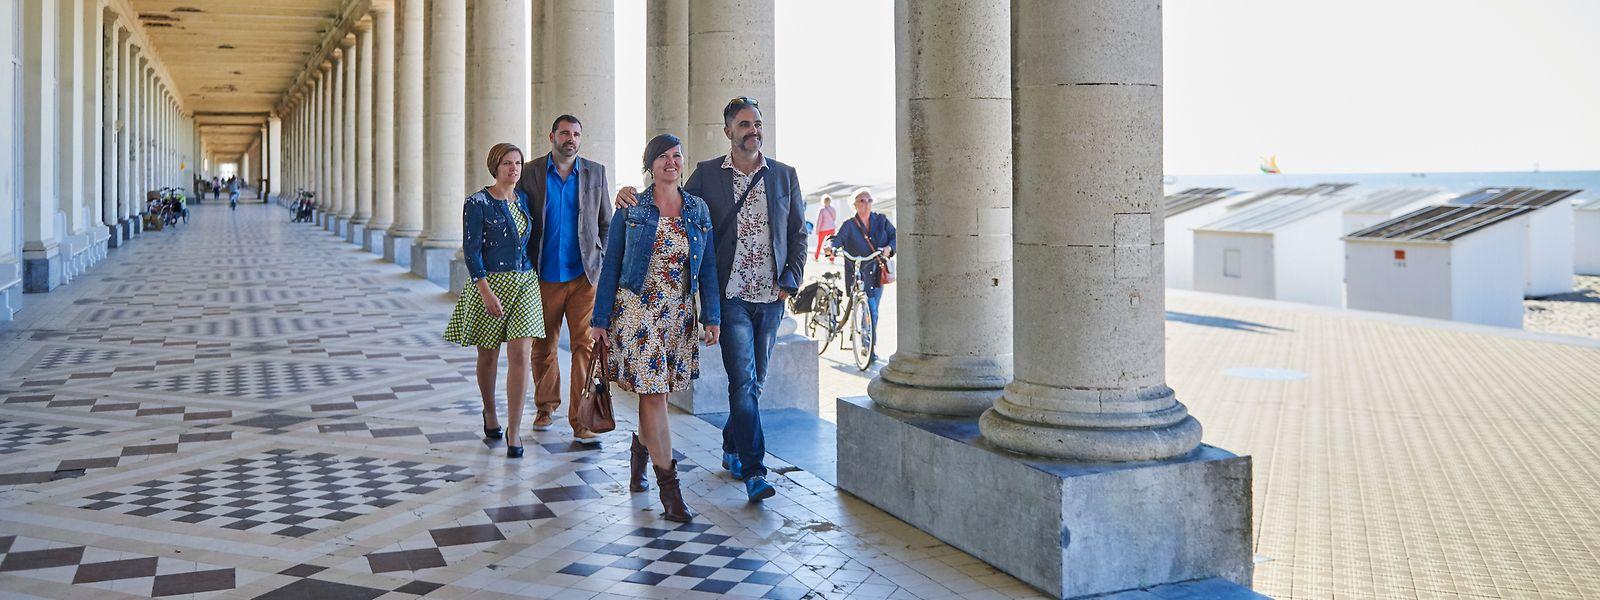 Le retour à un tourisme de proximité pourrait être bénéfique pour les stations balnéaires belges.